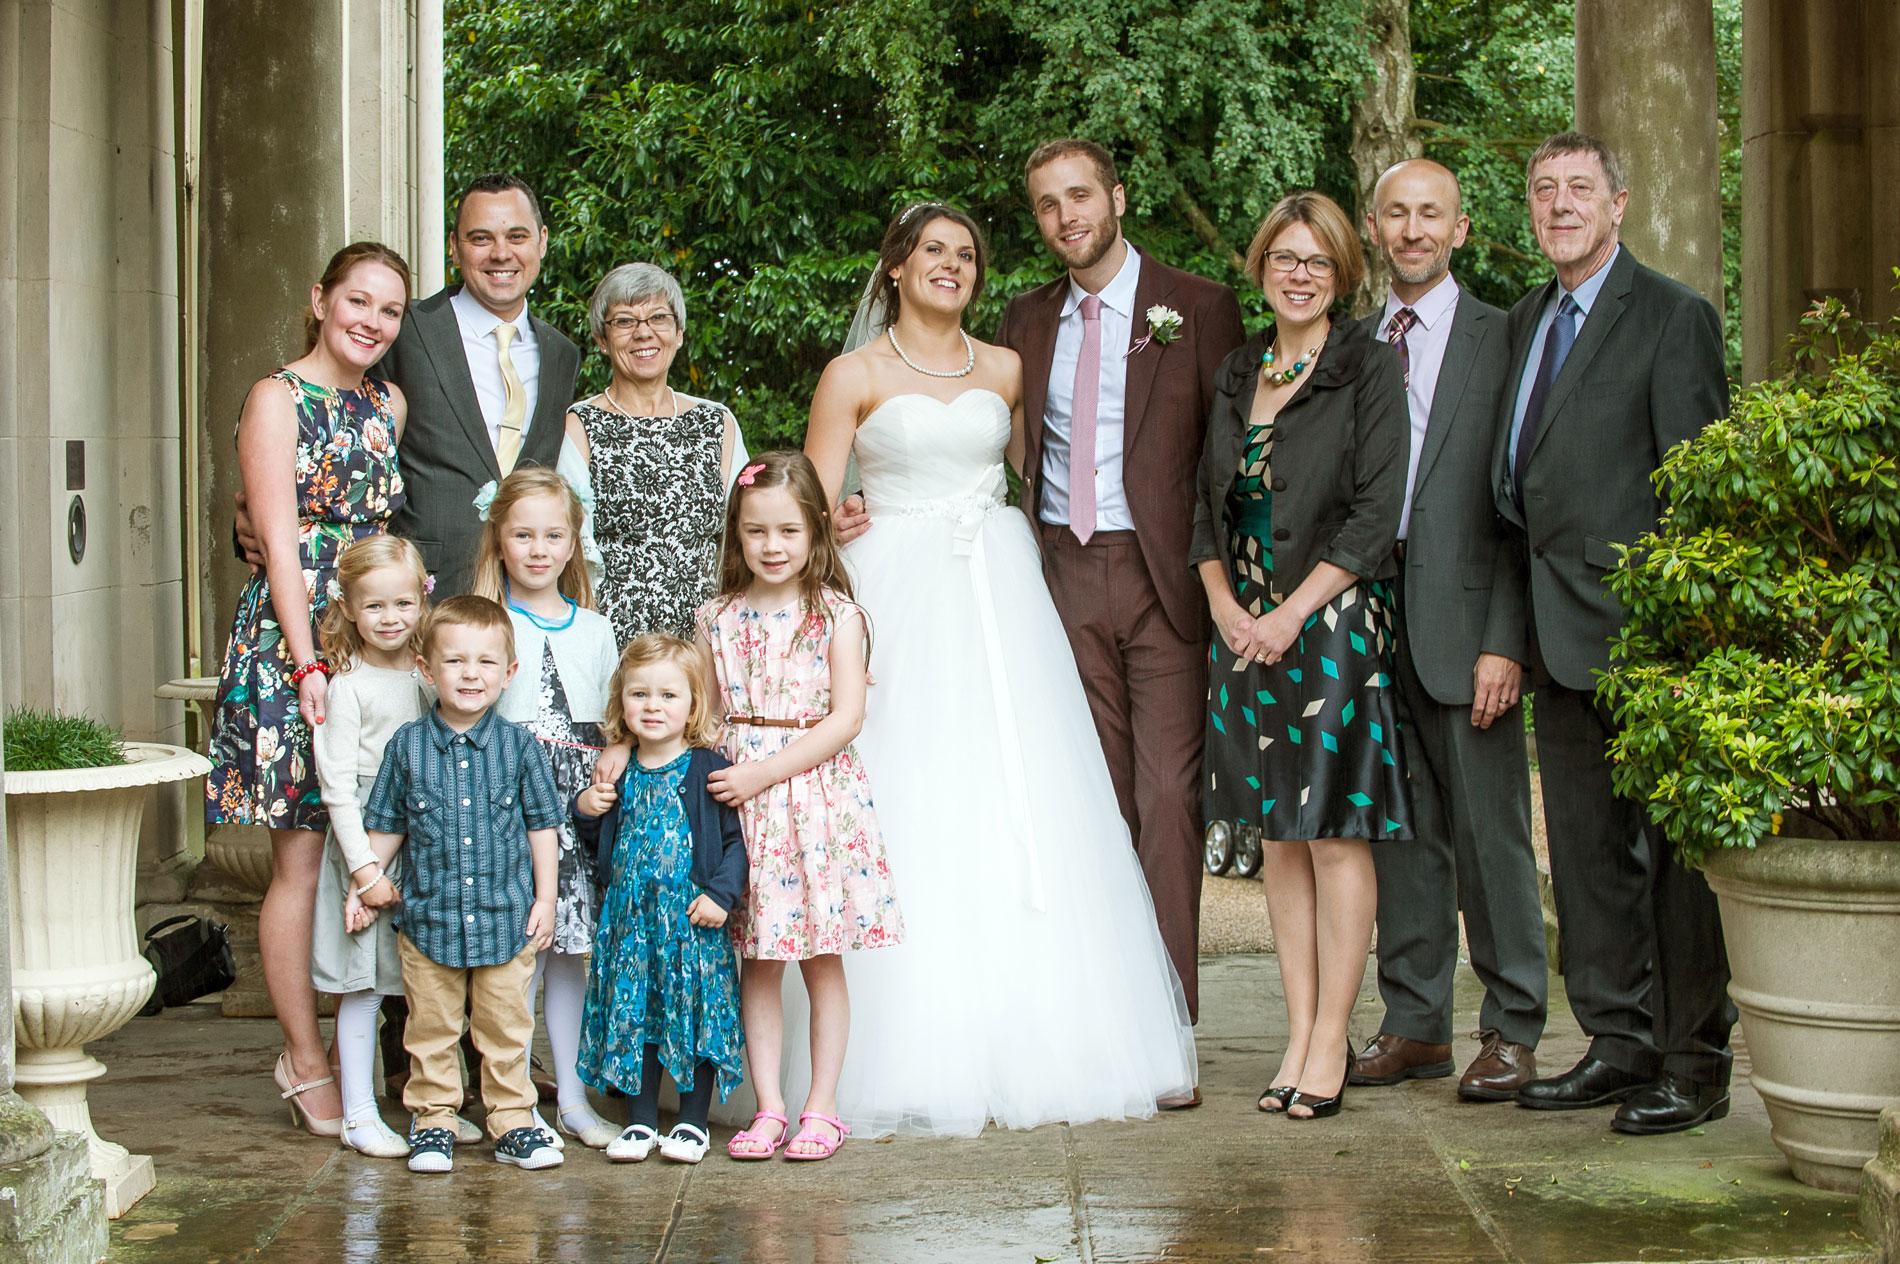 Kilworth-weddings-_53.jpg